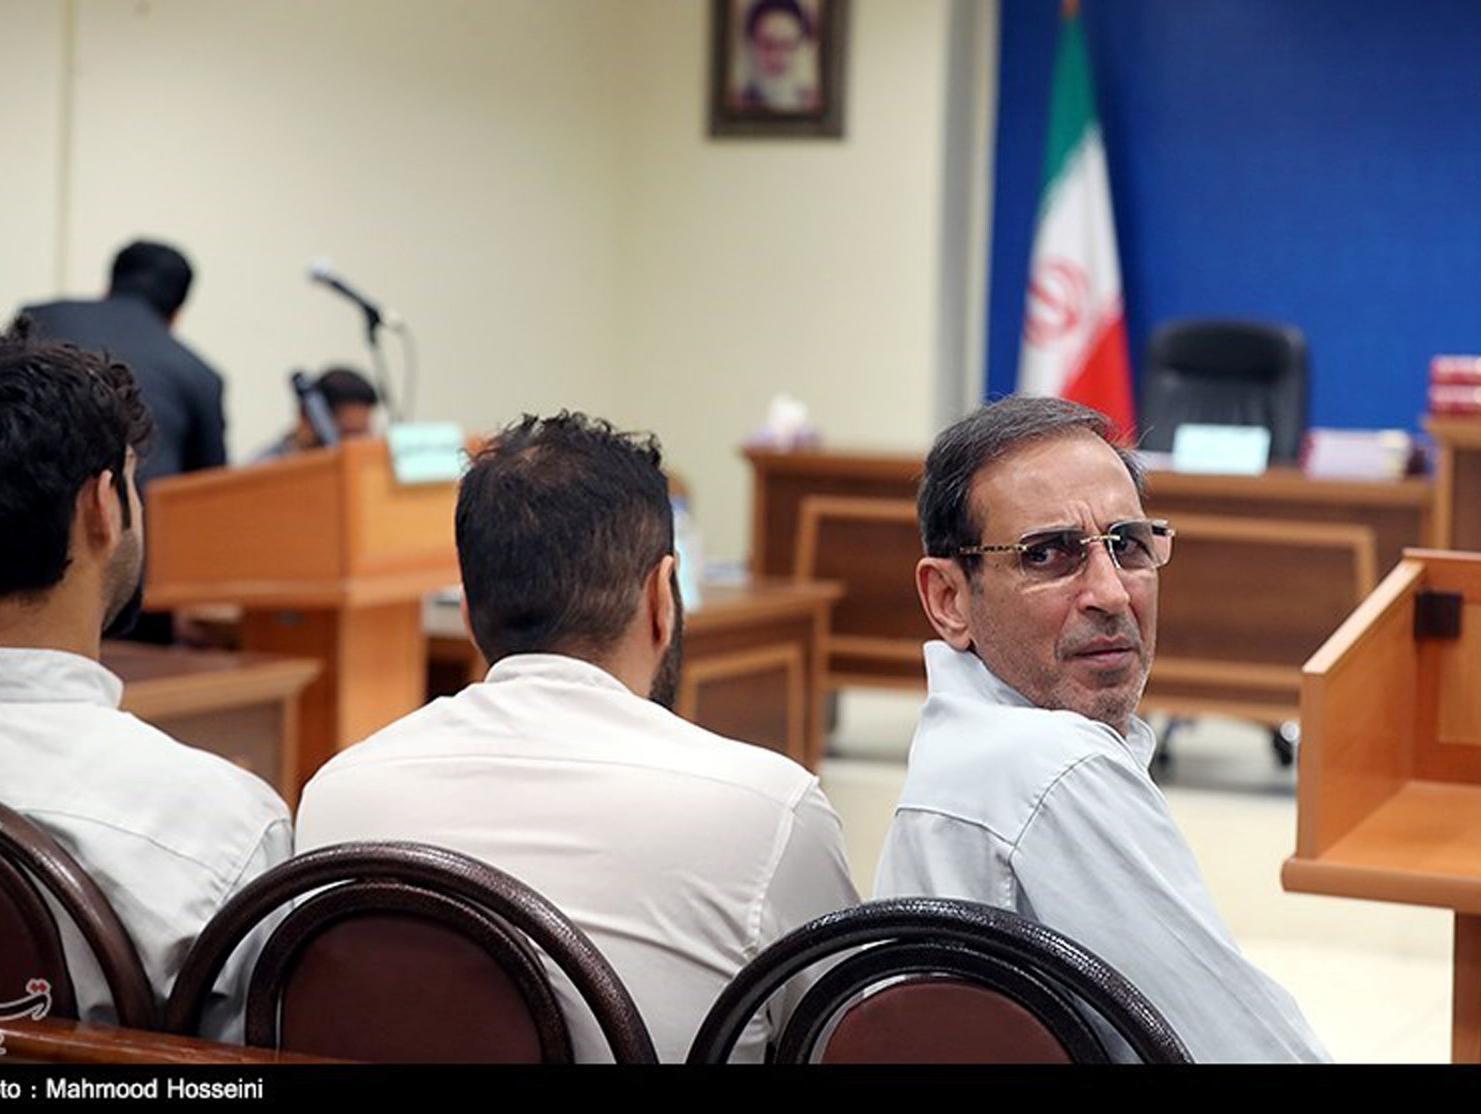 המאבק בסנקציות: איראן הוציאה להורג שני